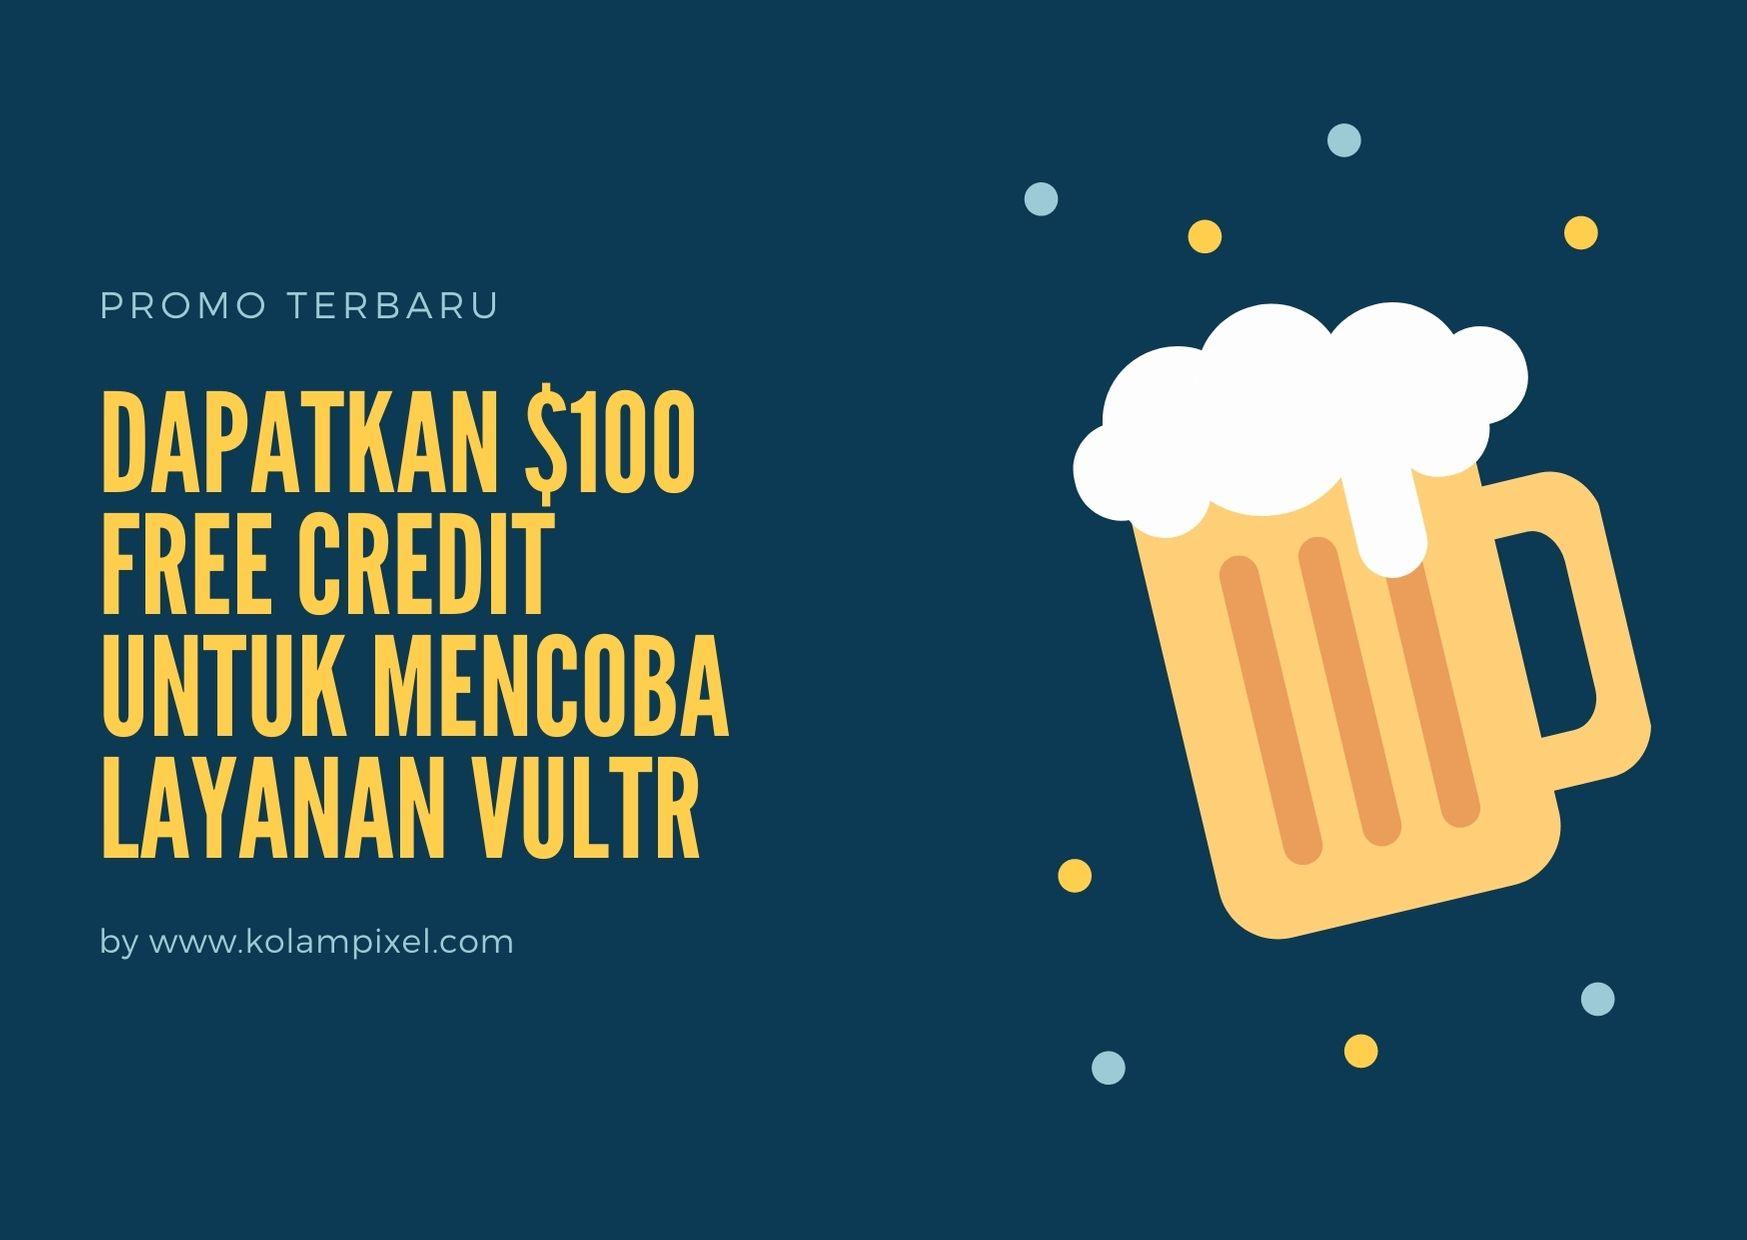 Dapatkan $100 free credit untuk mencoba layanan vultr